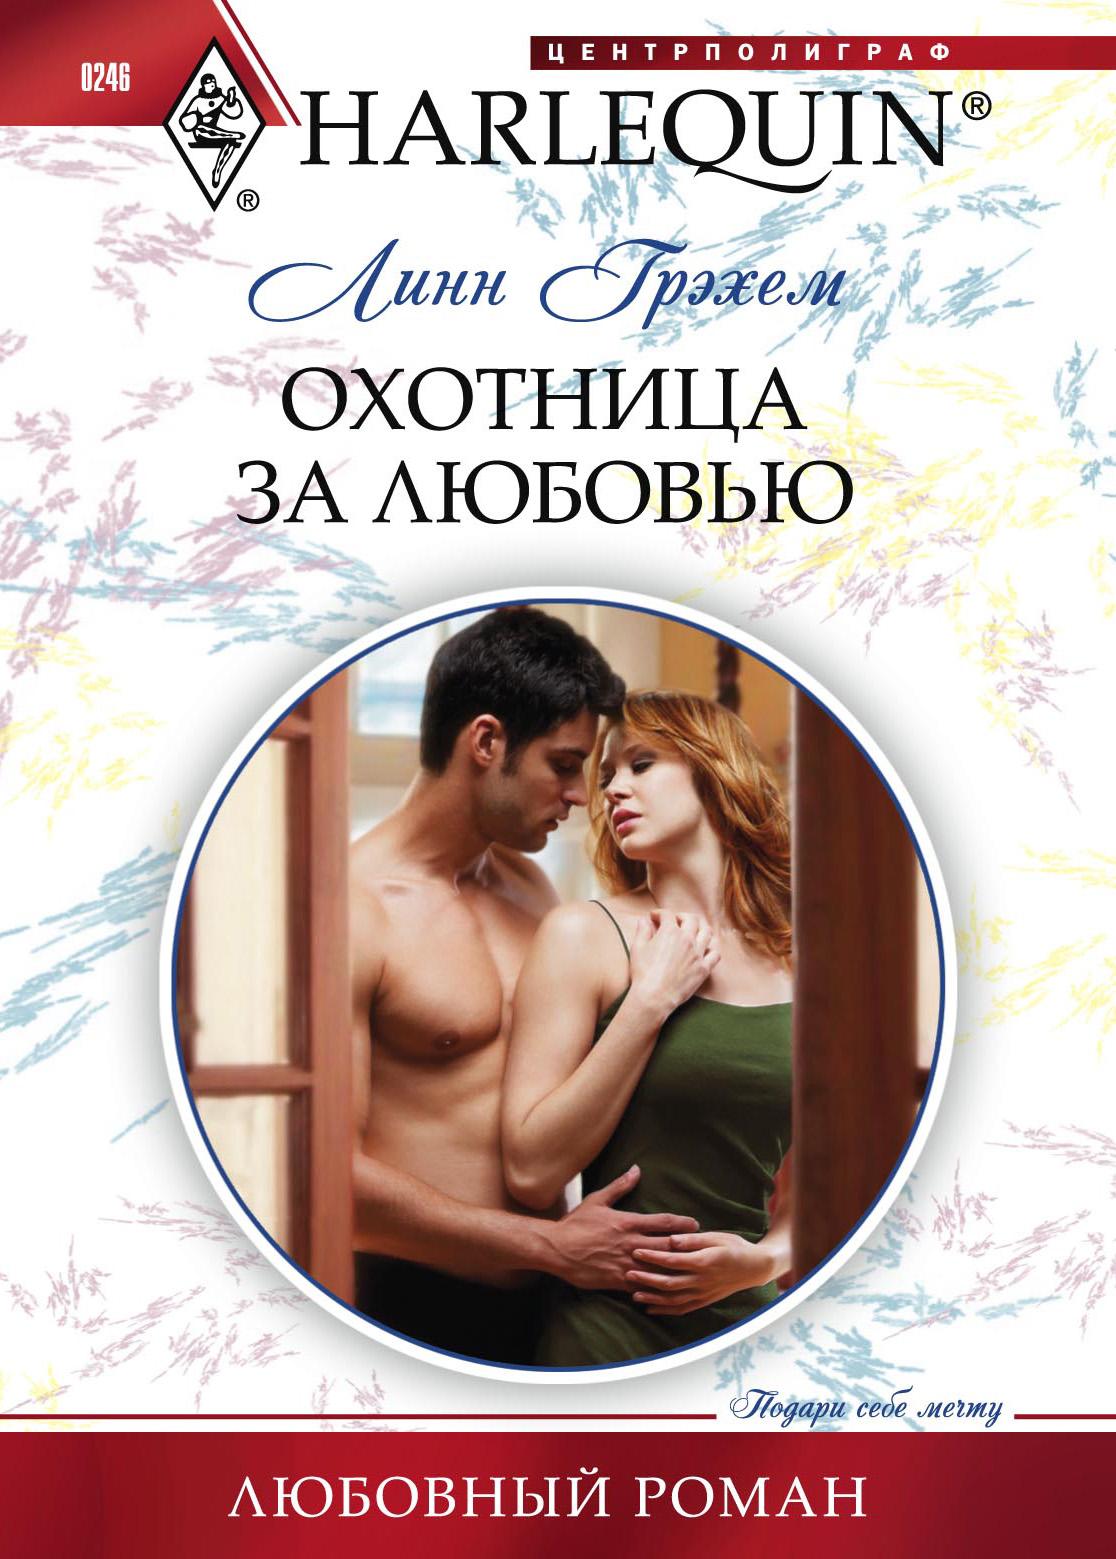 Порно читать любовные порно онлайн фильм россия